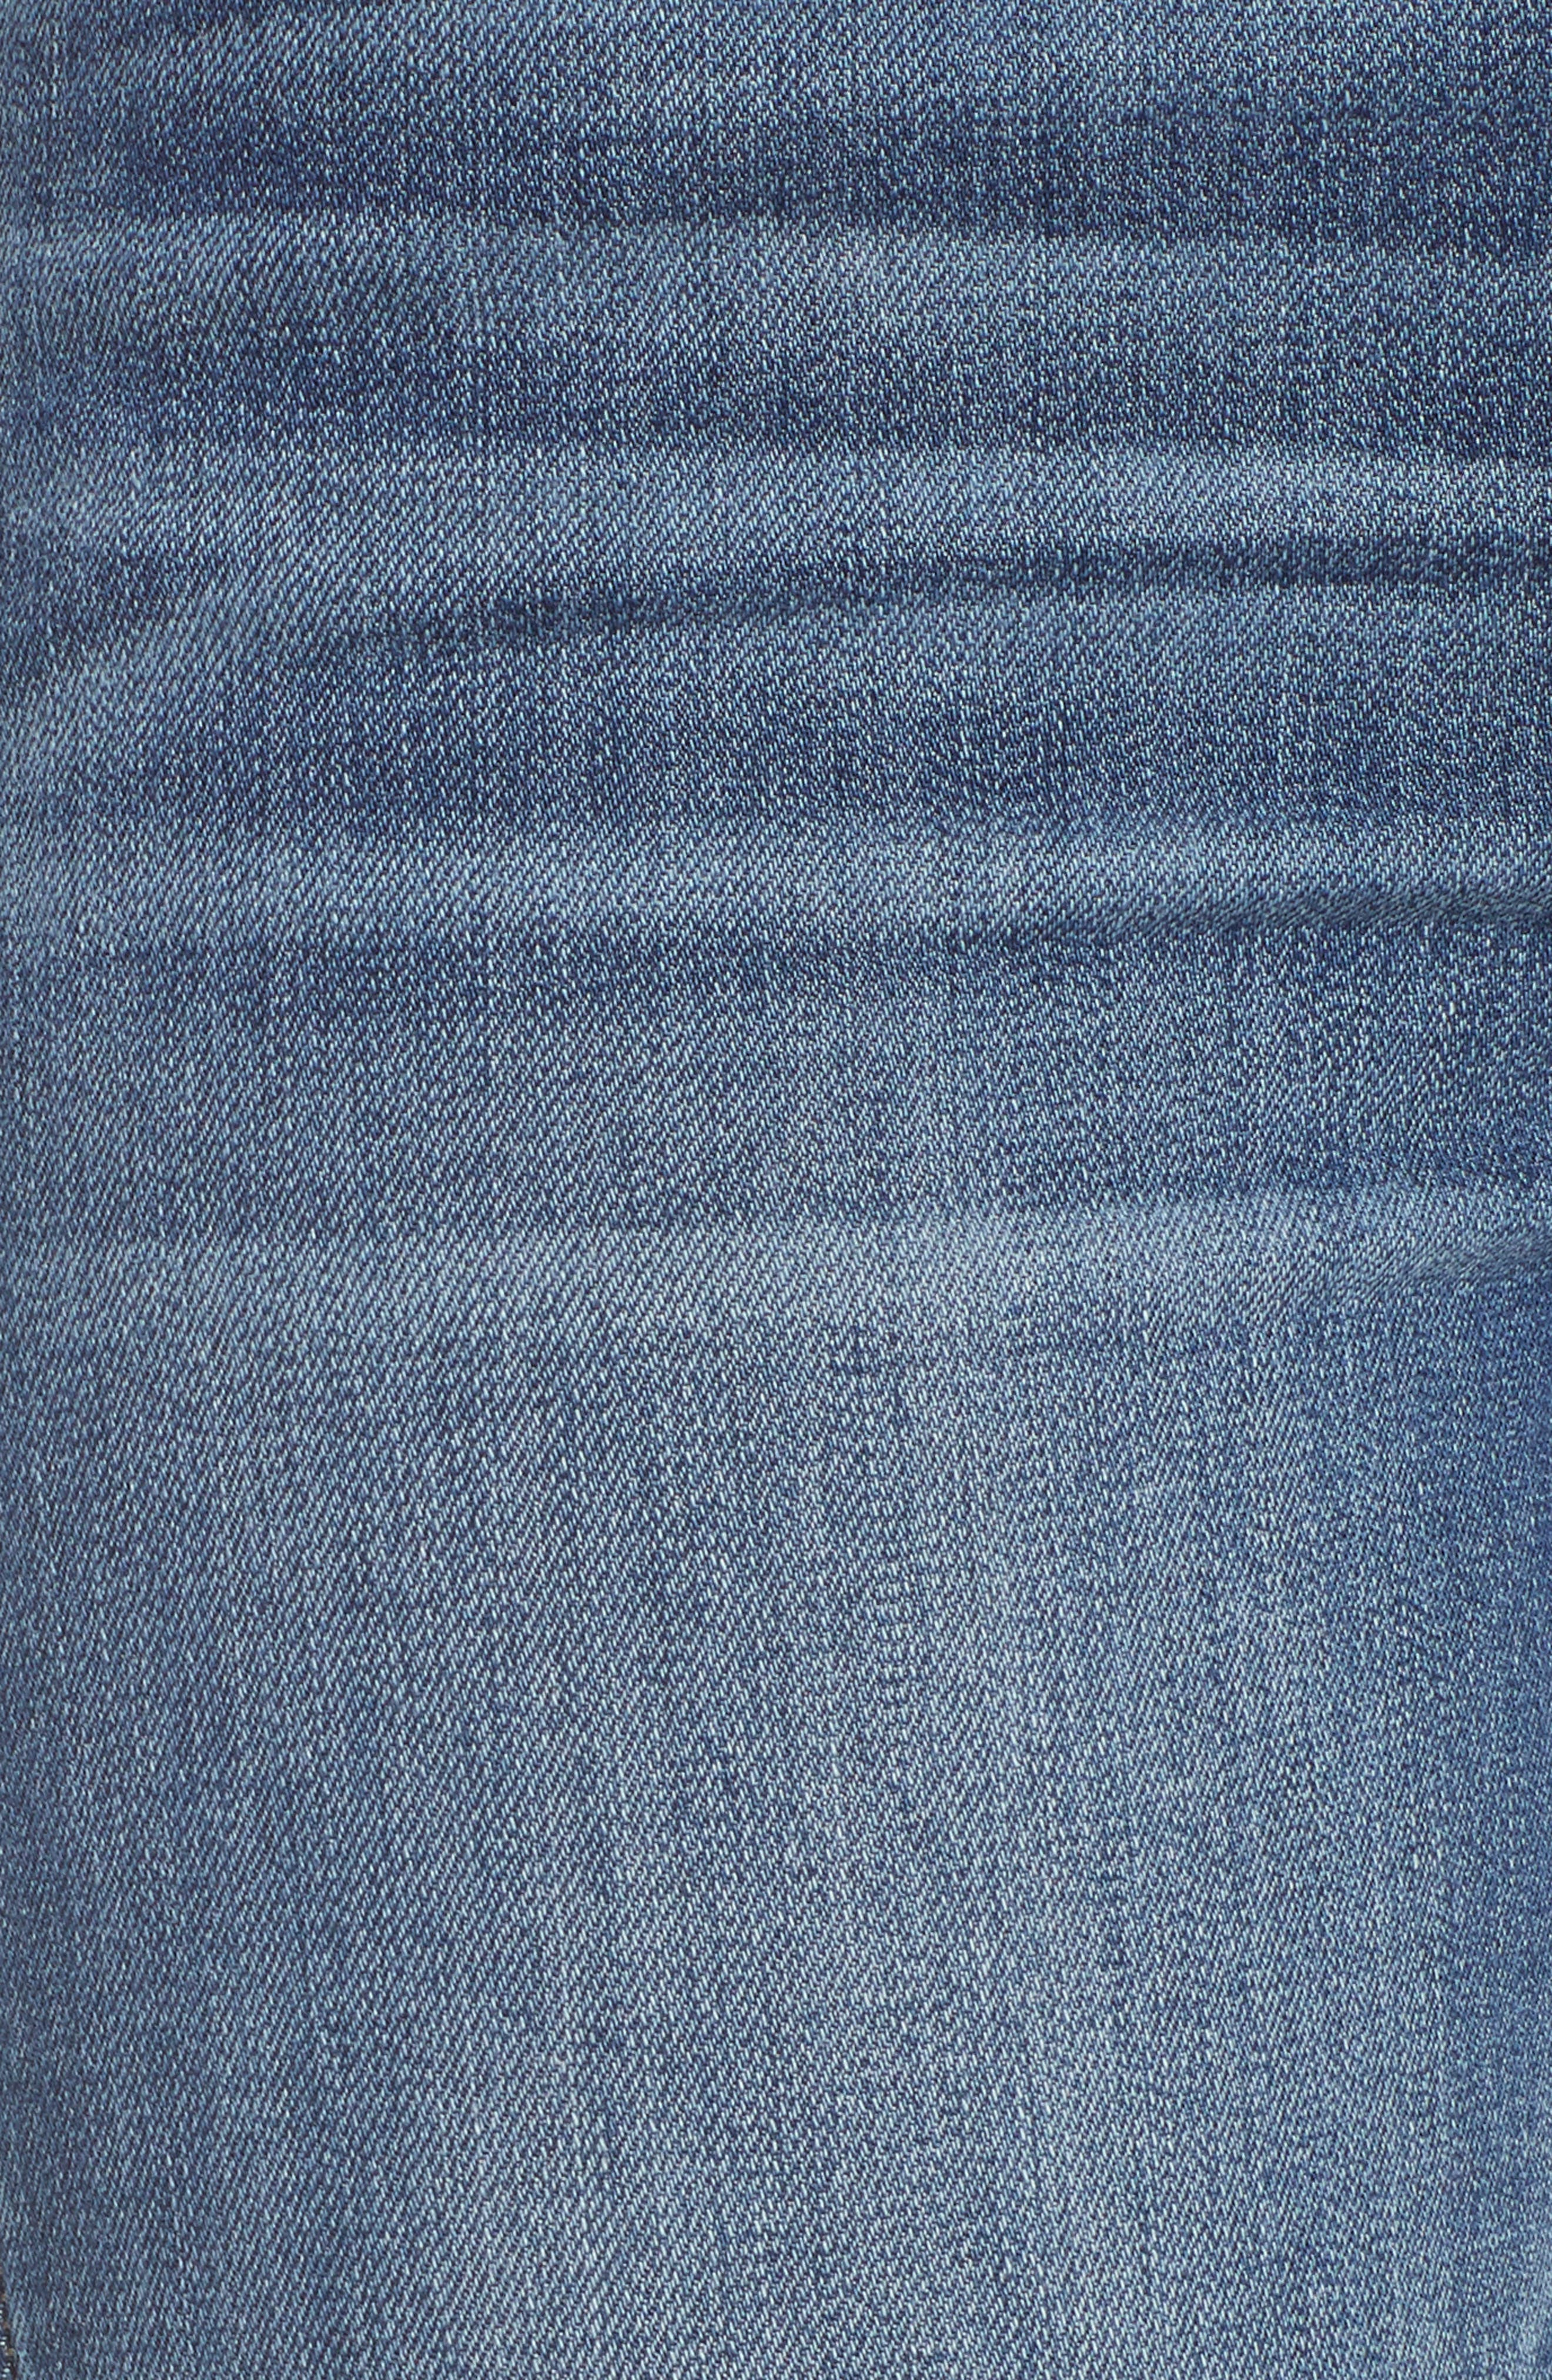 Step Hem Crop Flare Jeans,                             Alternate thumbnail 4, color,                             Med Wash